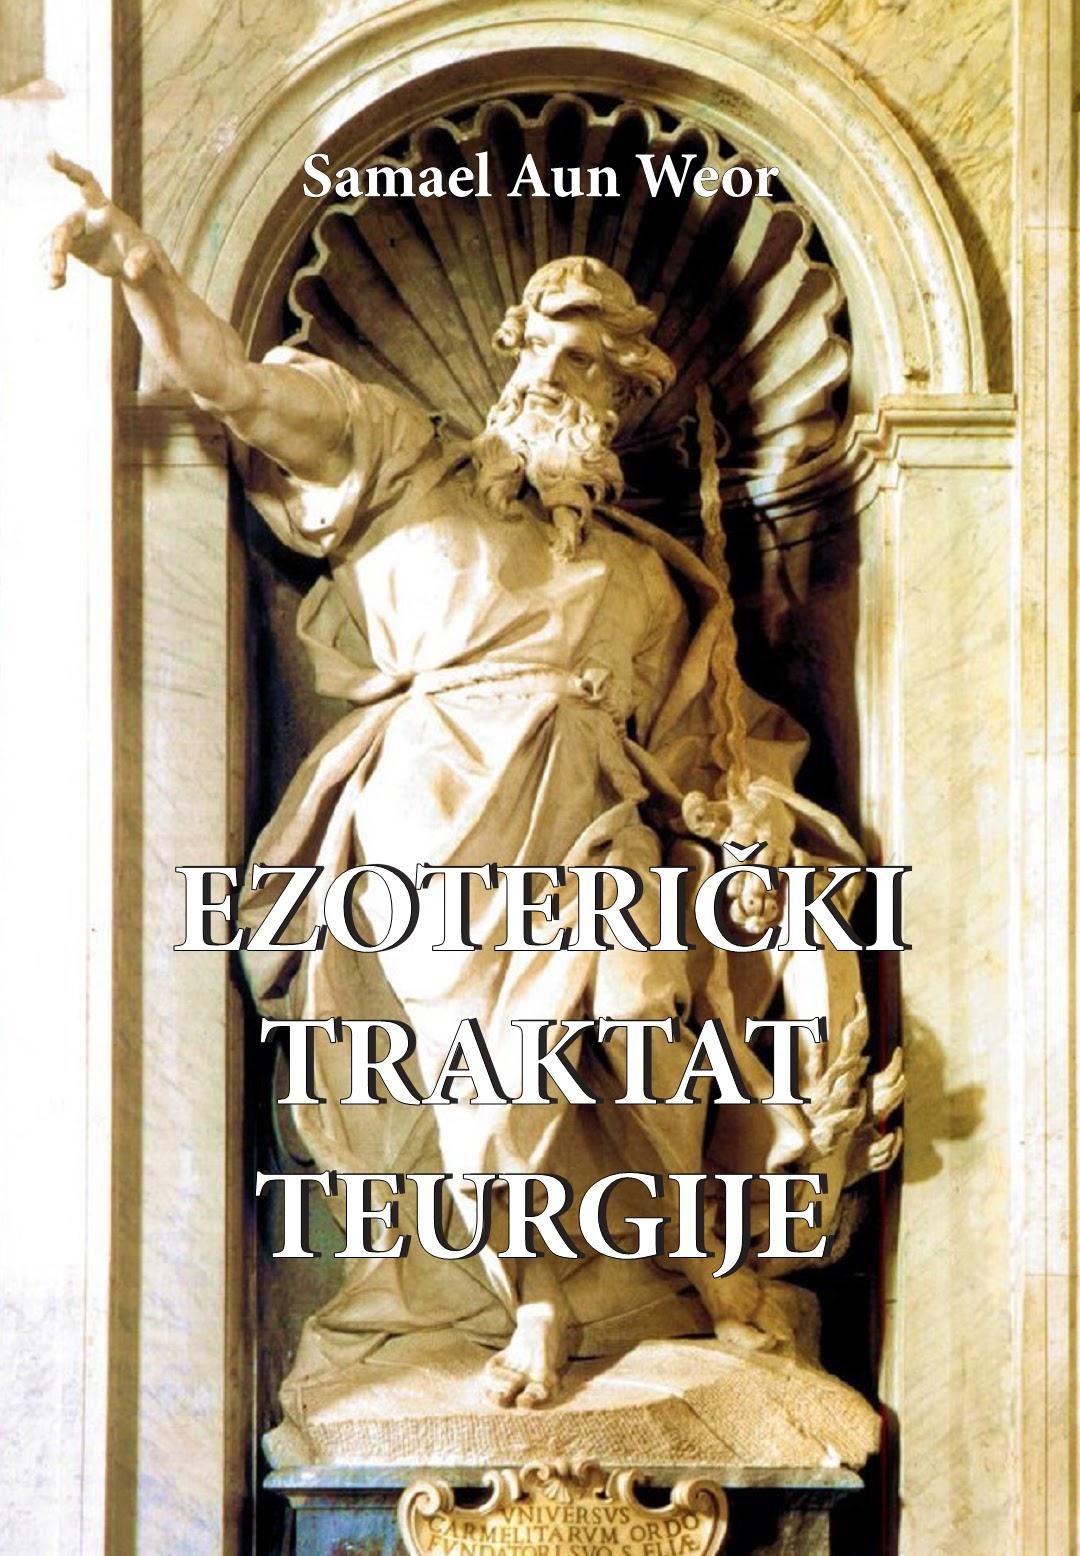 Ezoterički traktat teurgije - Samael Aun Weor